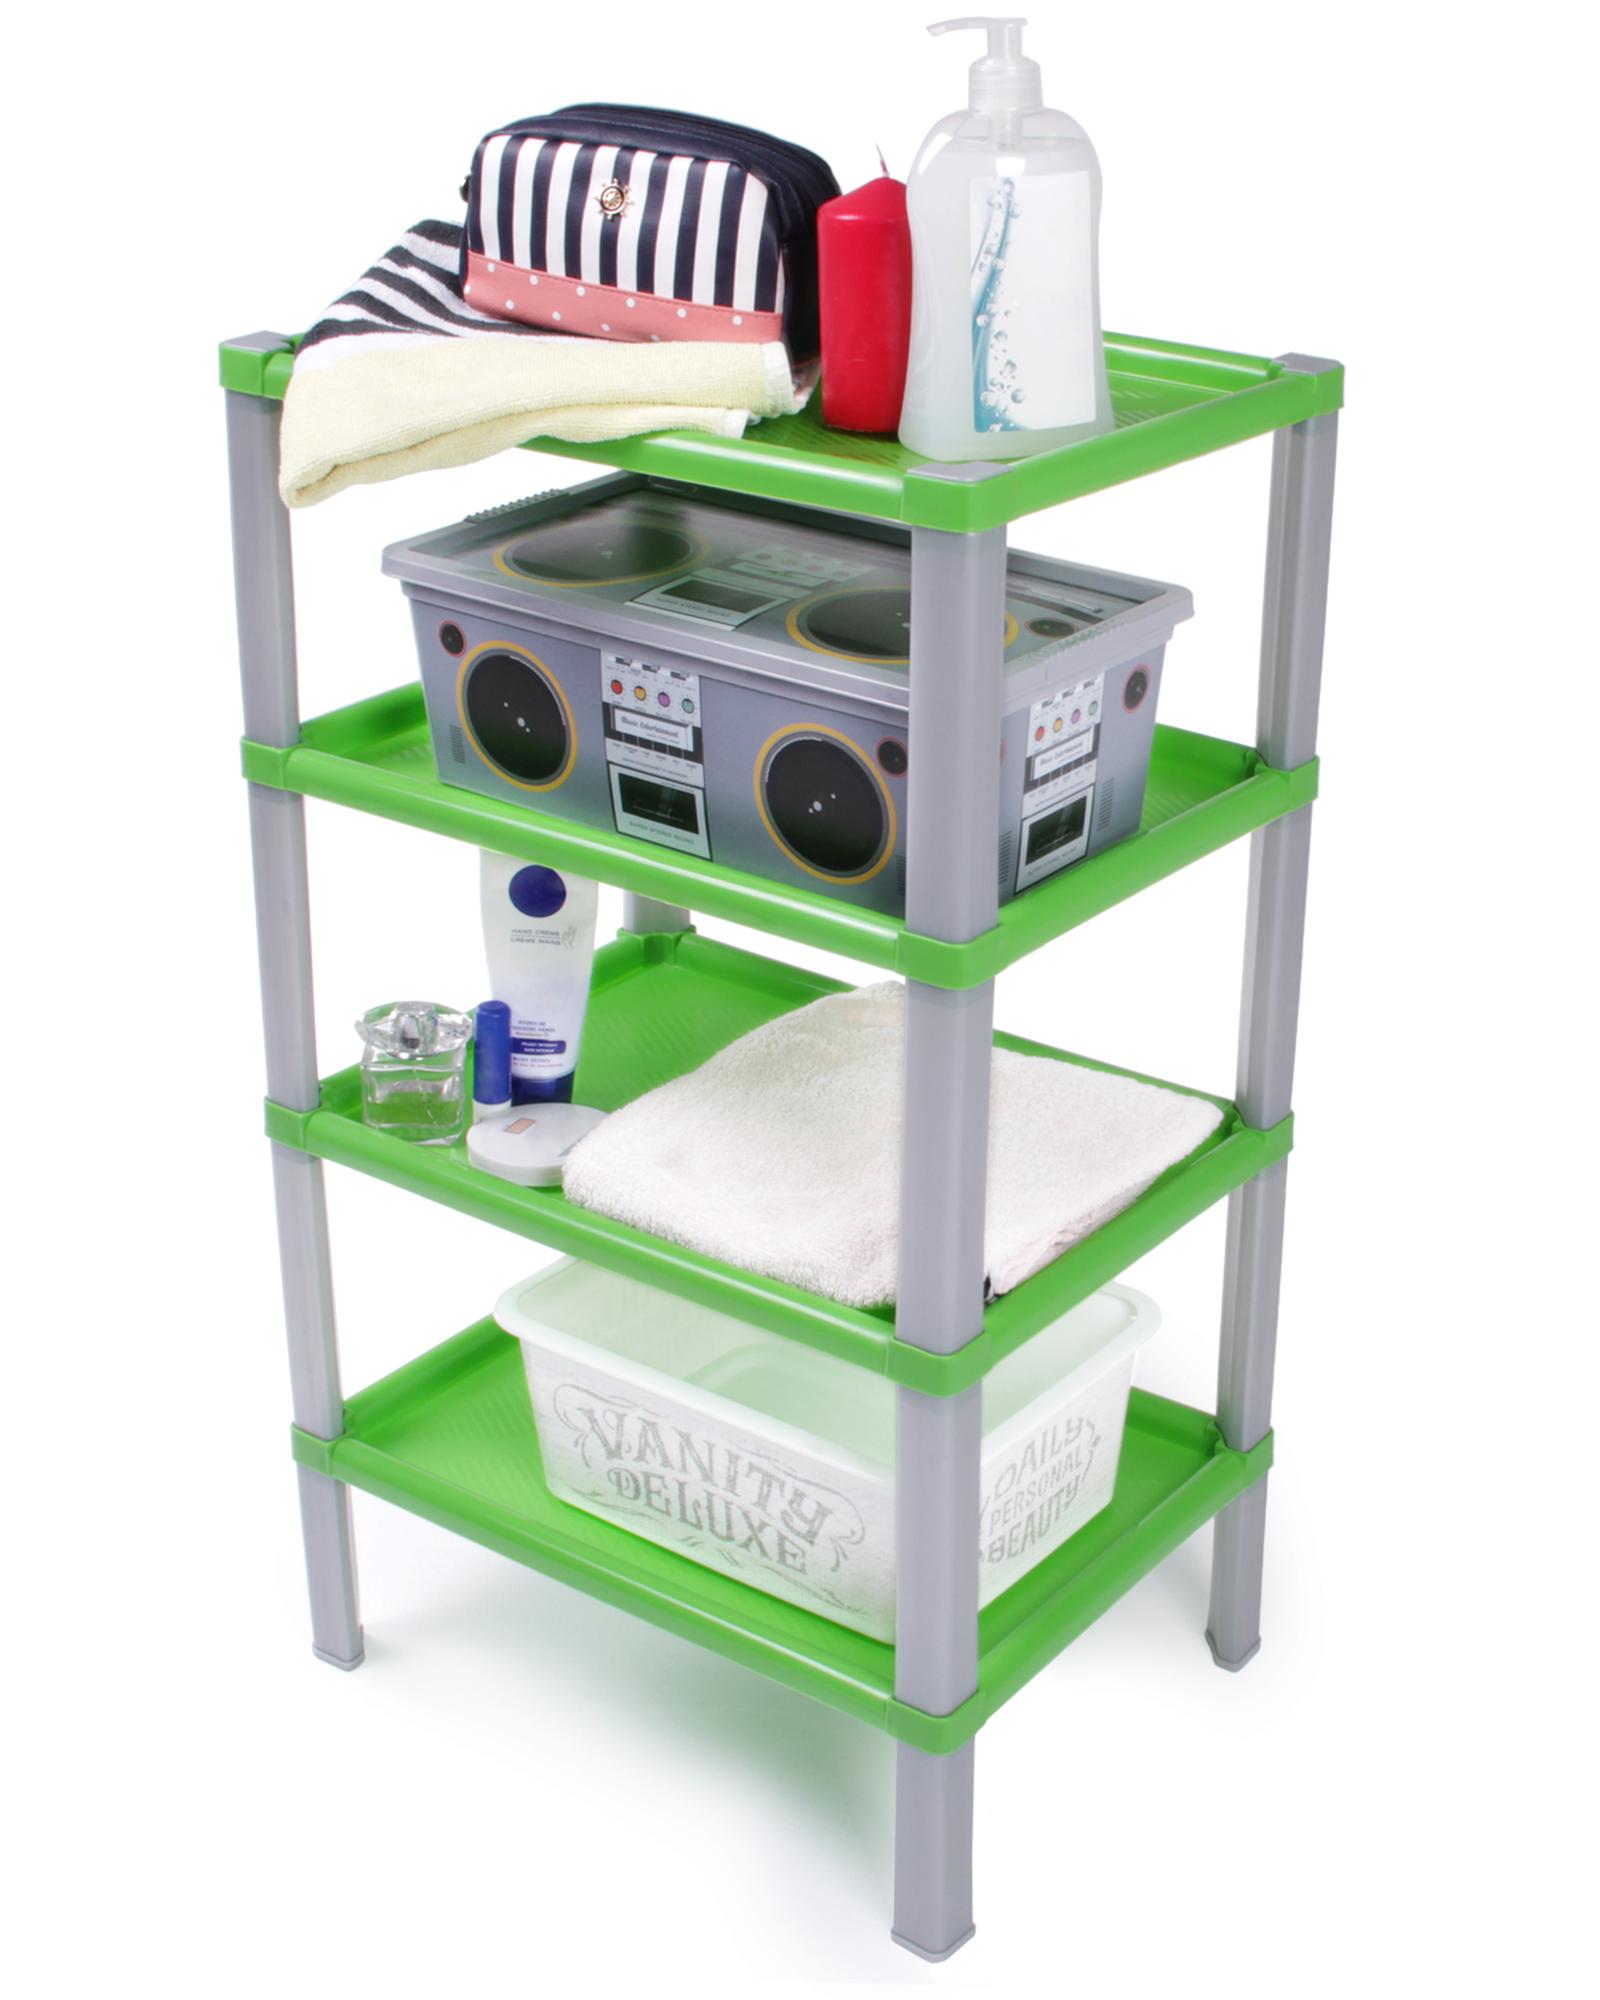 ondis24 regal kunststoff badregal scaf gr n g nstig online. Black Bedroom Furniture Sets. Home Design Ideas